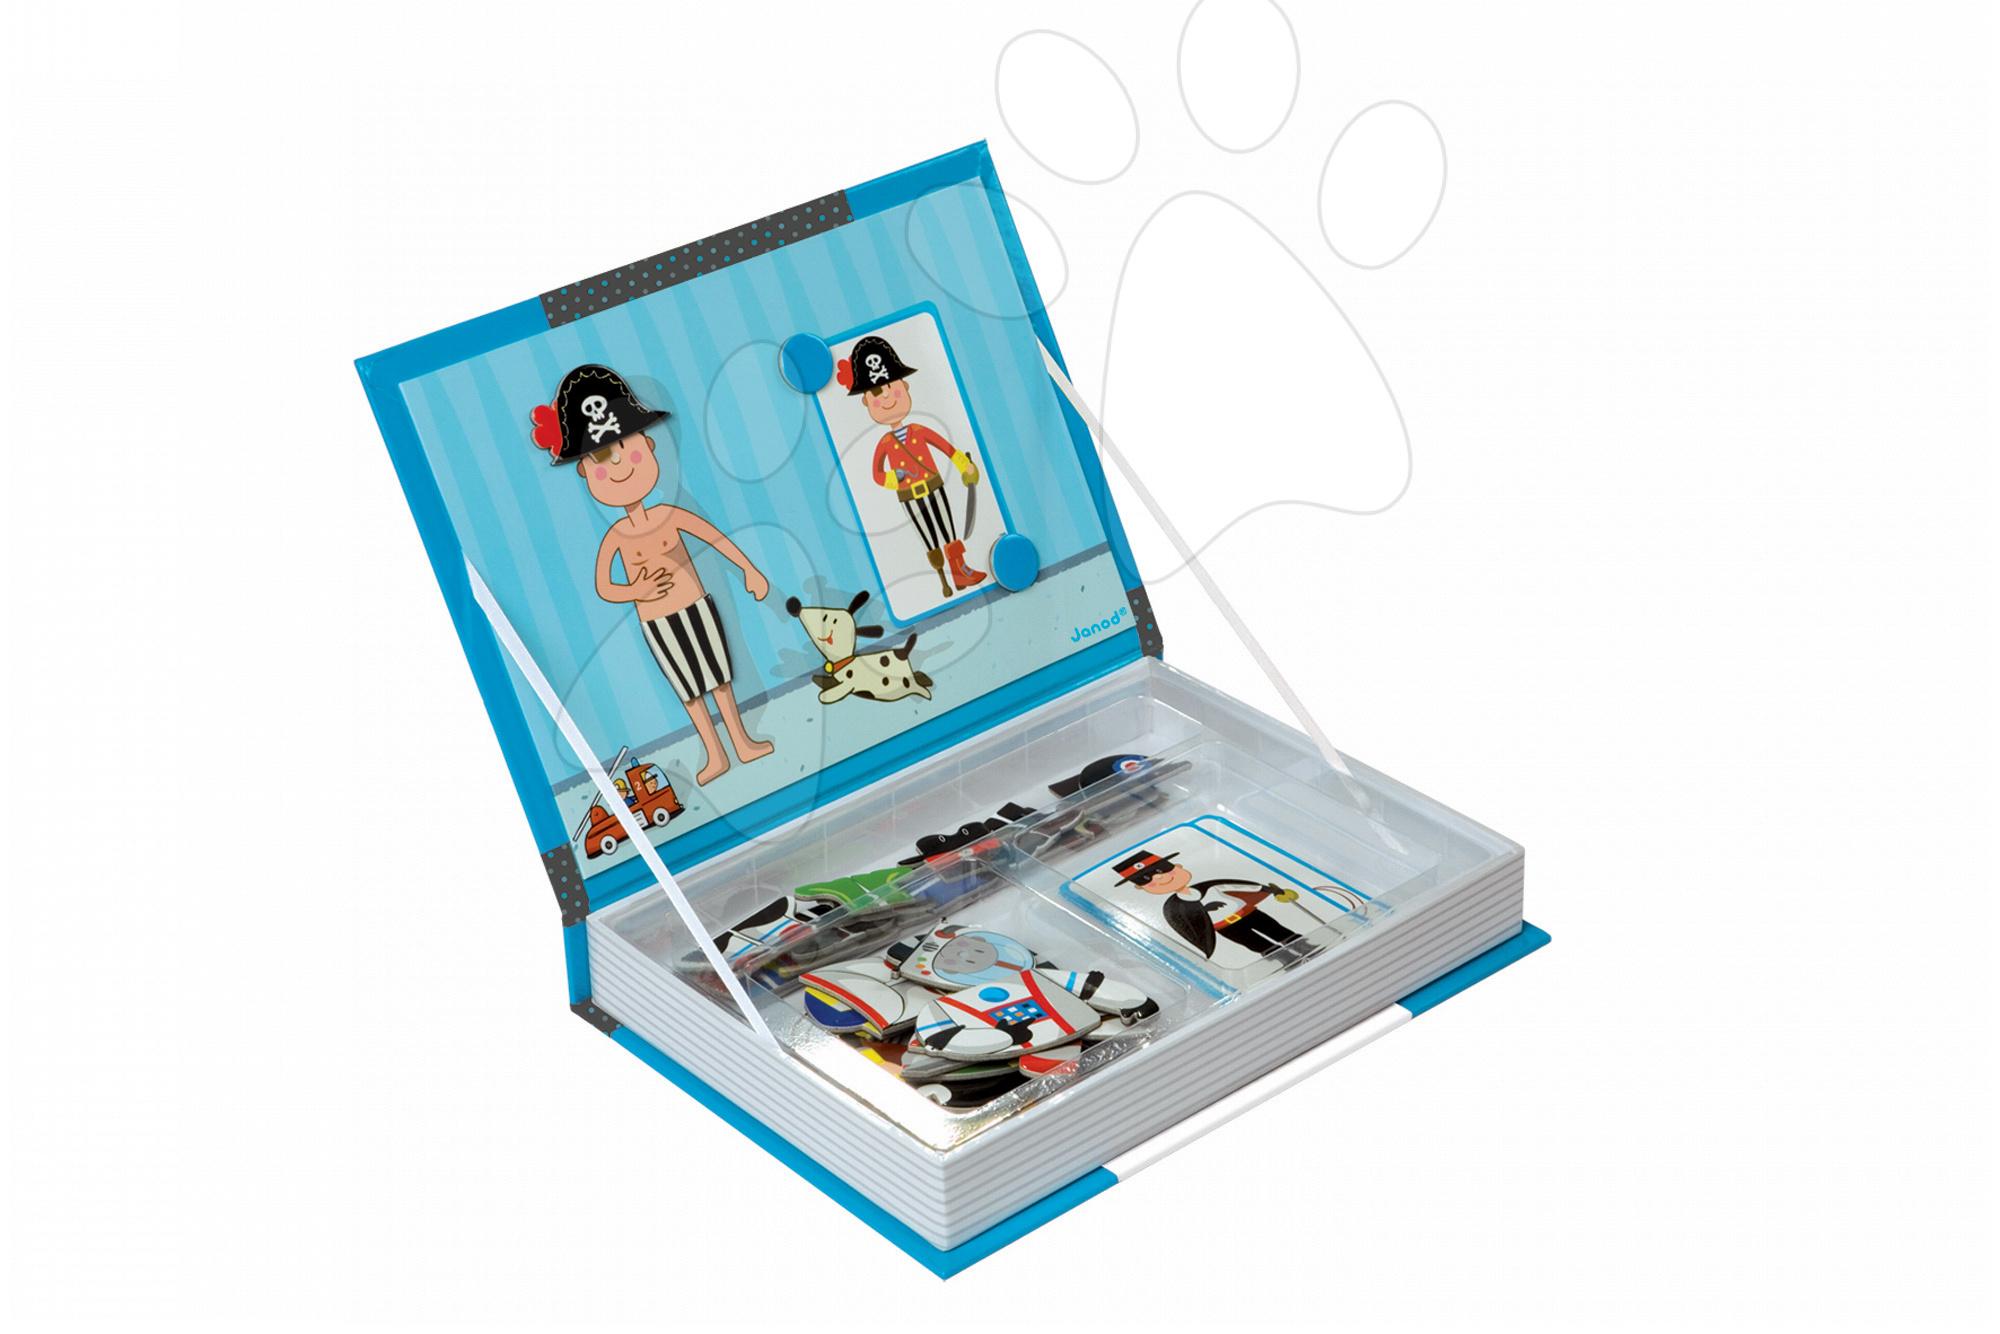 406439fa5bab J05544 b janod magneticka kniha. Pre absolútny zážitok prosím použite  prehliadač s javascriptom